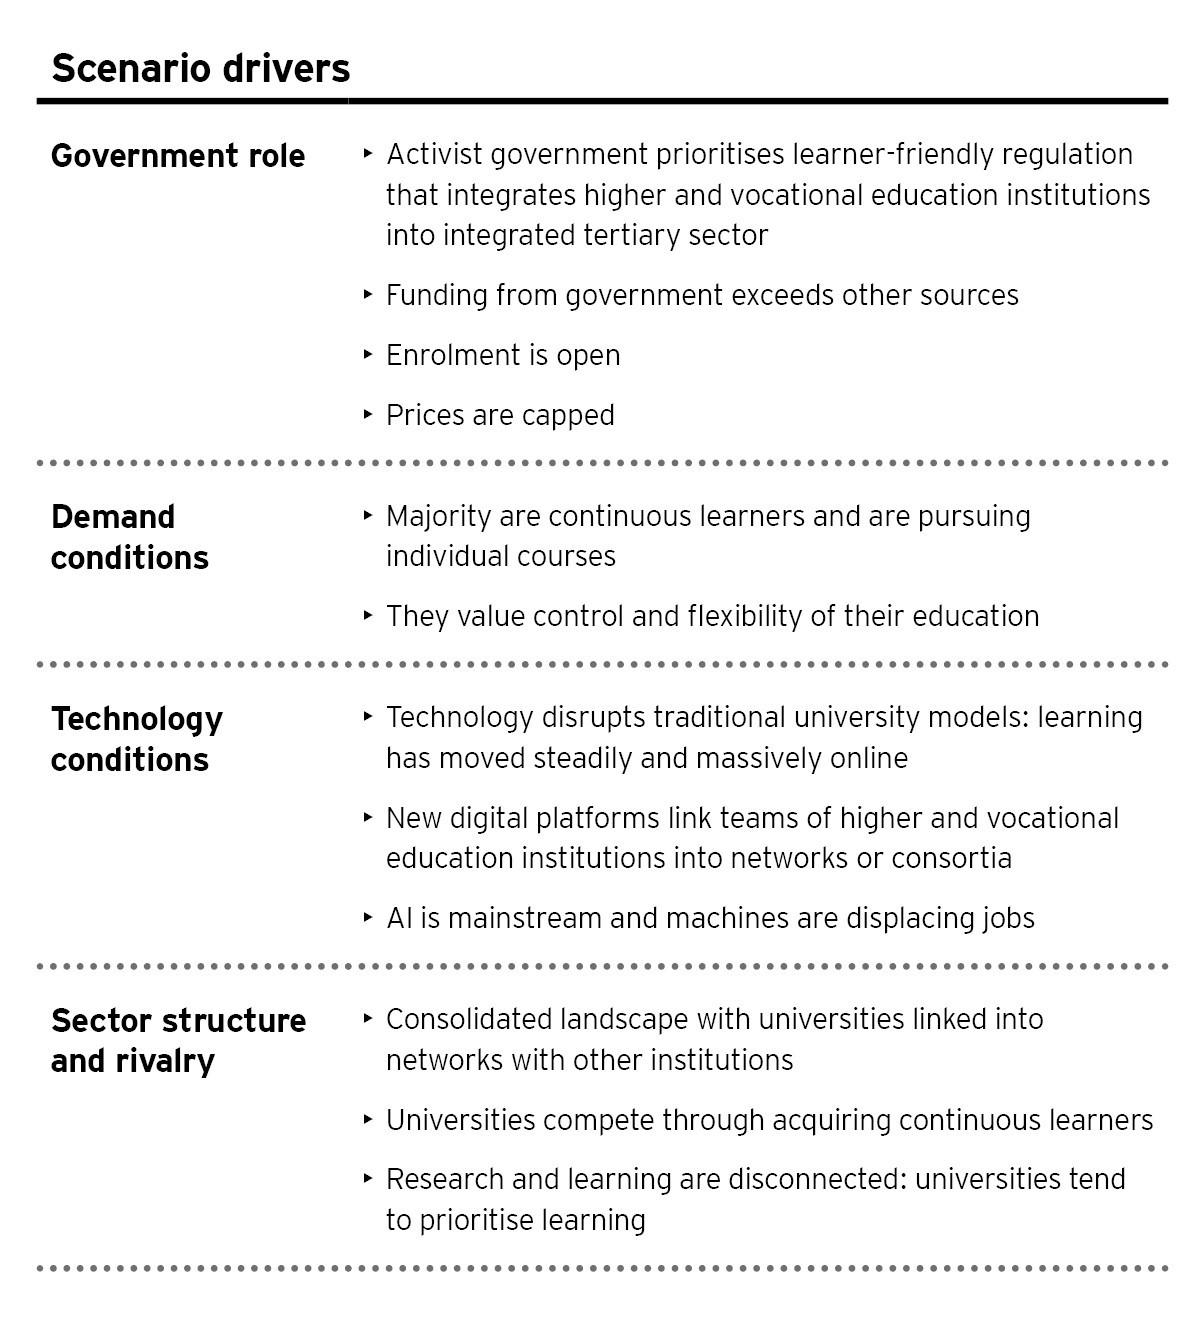 EY - Scenario 4: Disruptor University